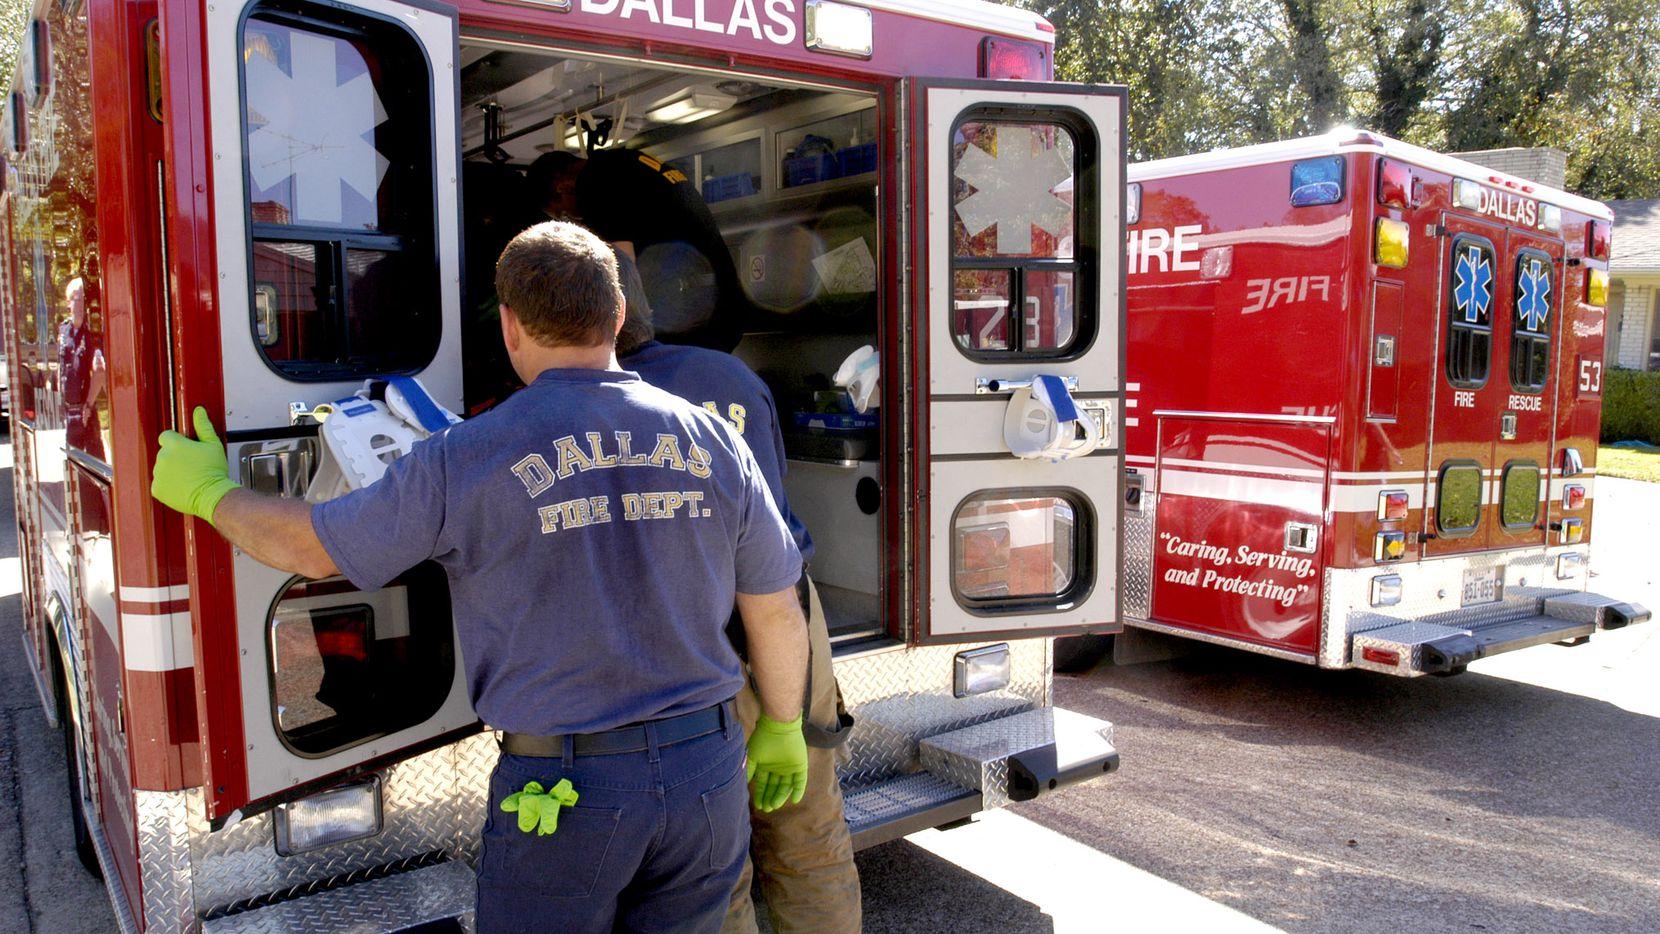 Los paramédicos trataron de someter a una mujer bajo efectos de drogas que los escupió. DMN